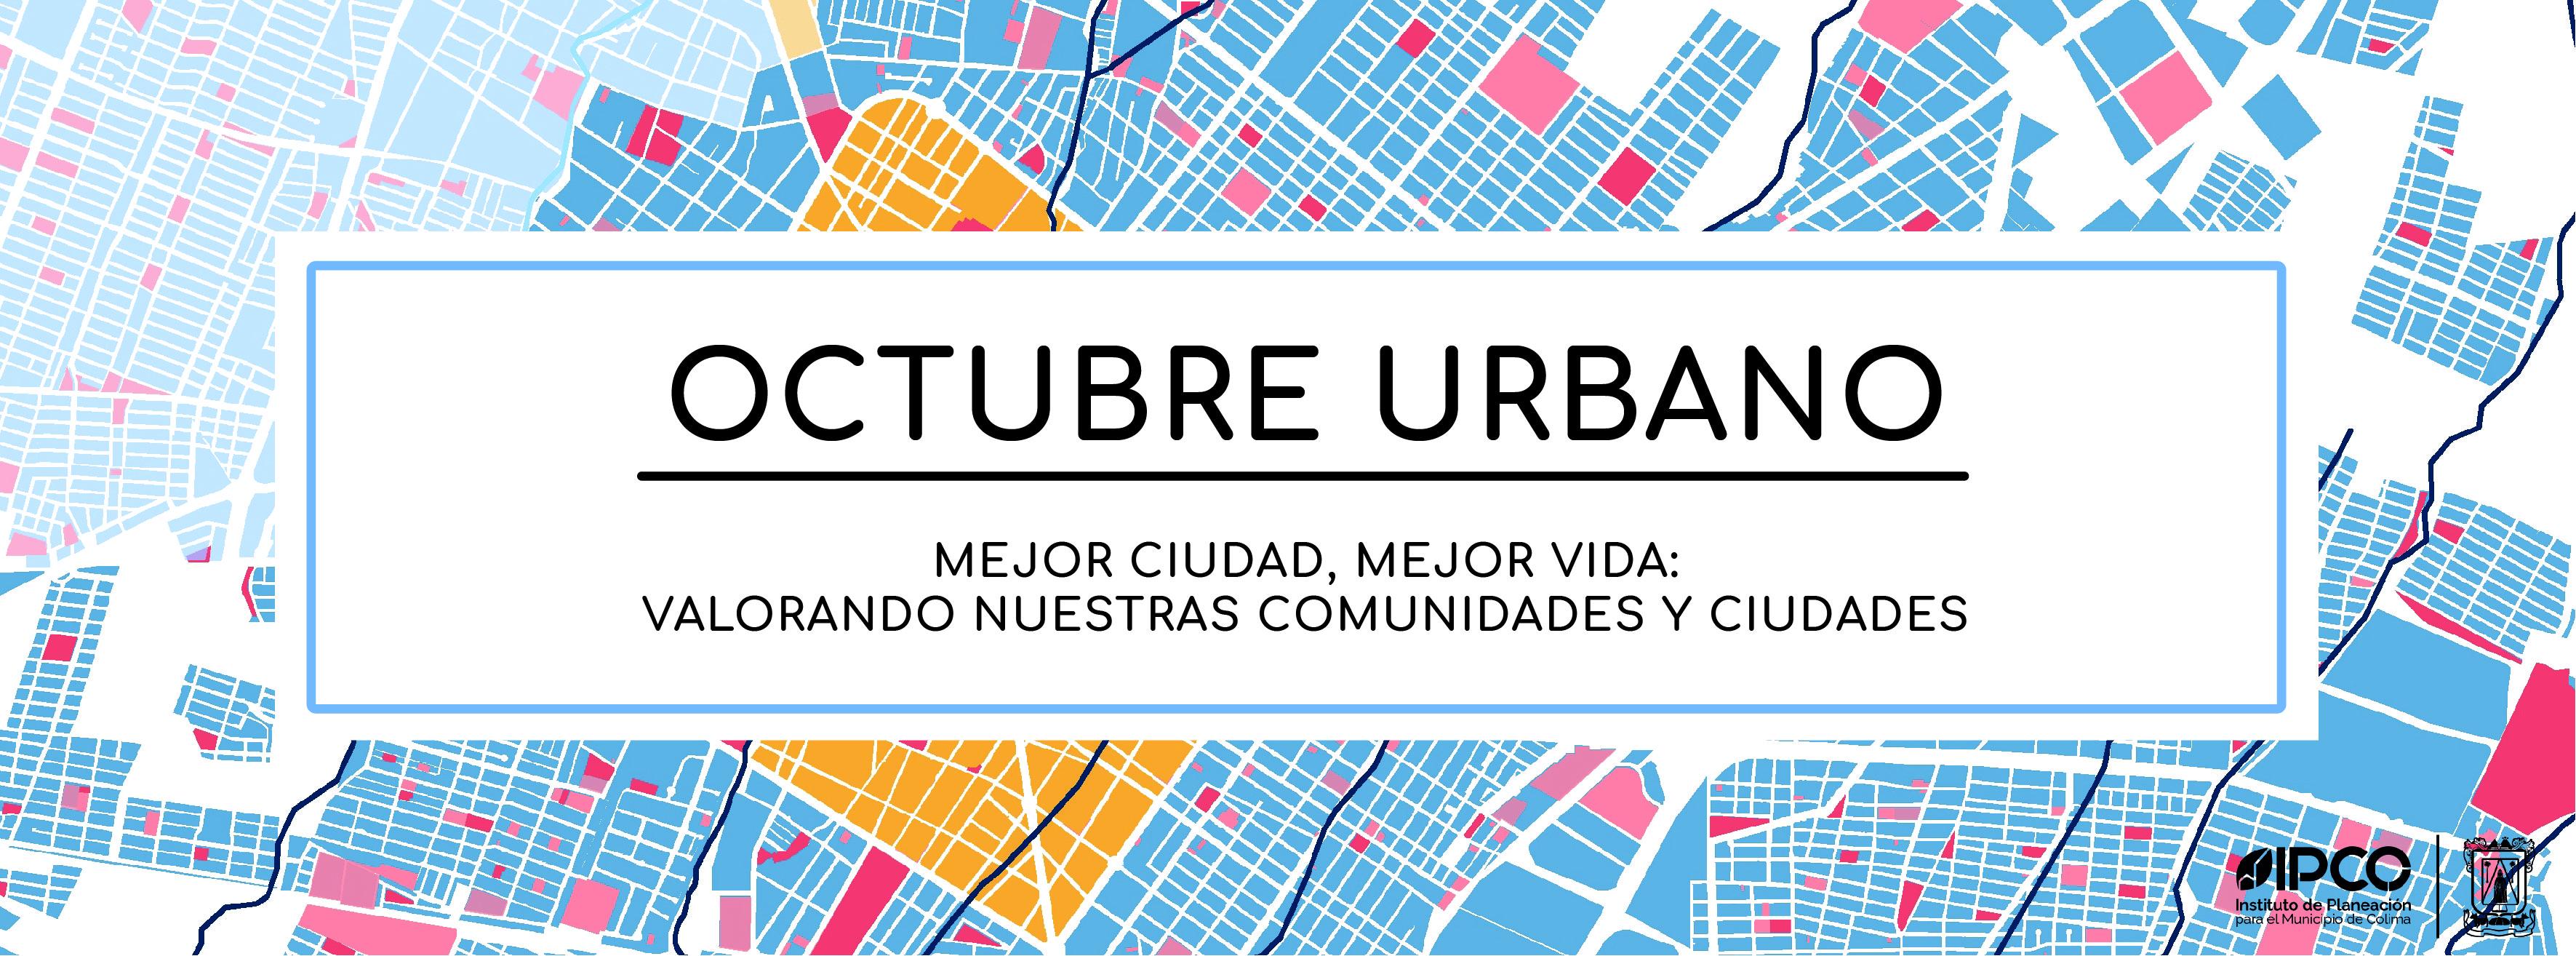 Octubre Urbano